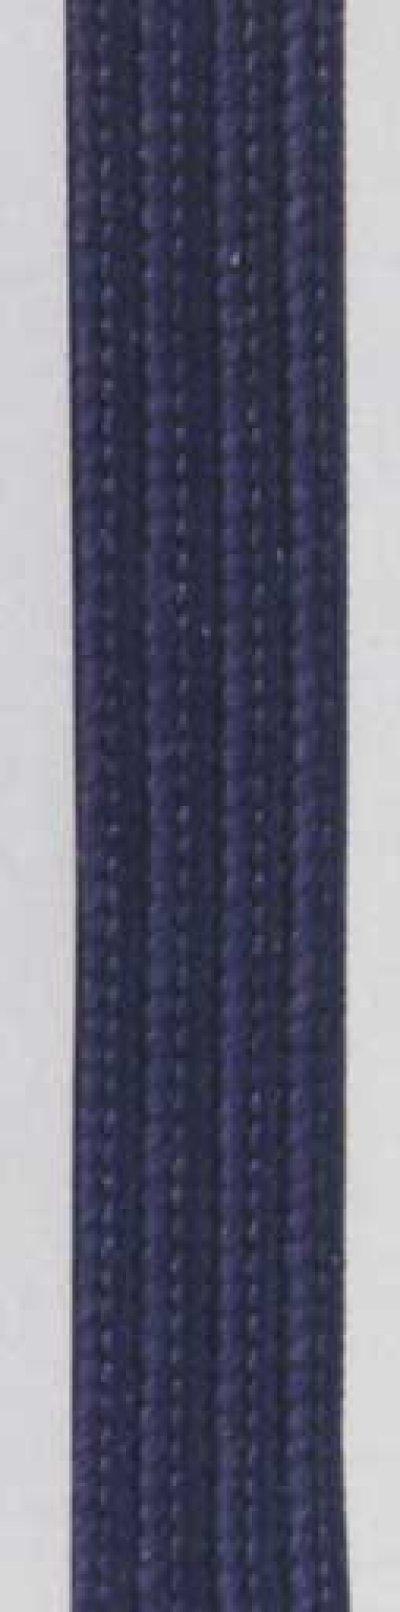 画像1: 表具用紐【紺】